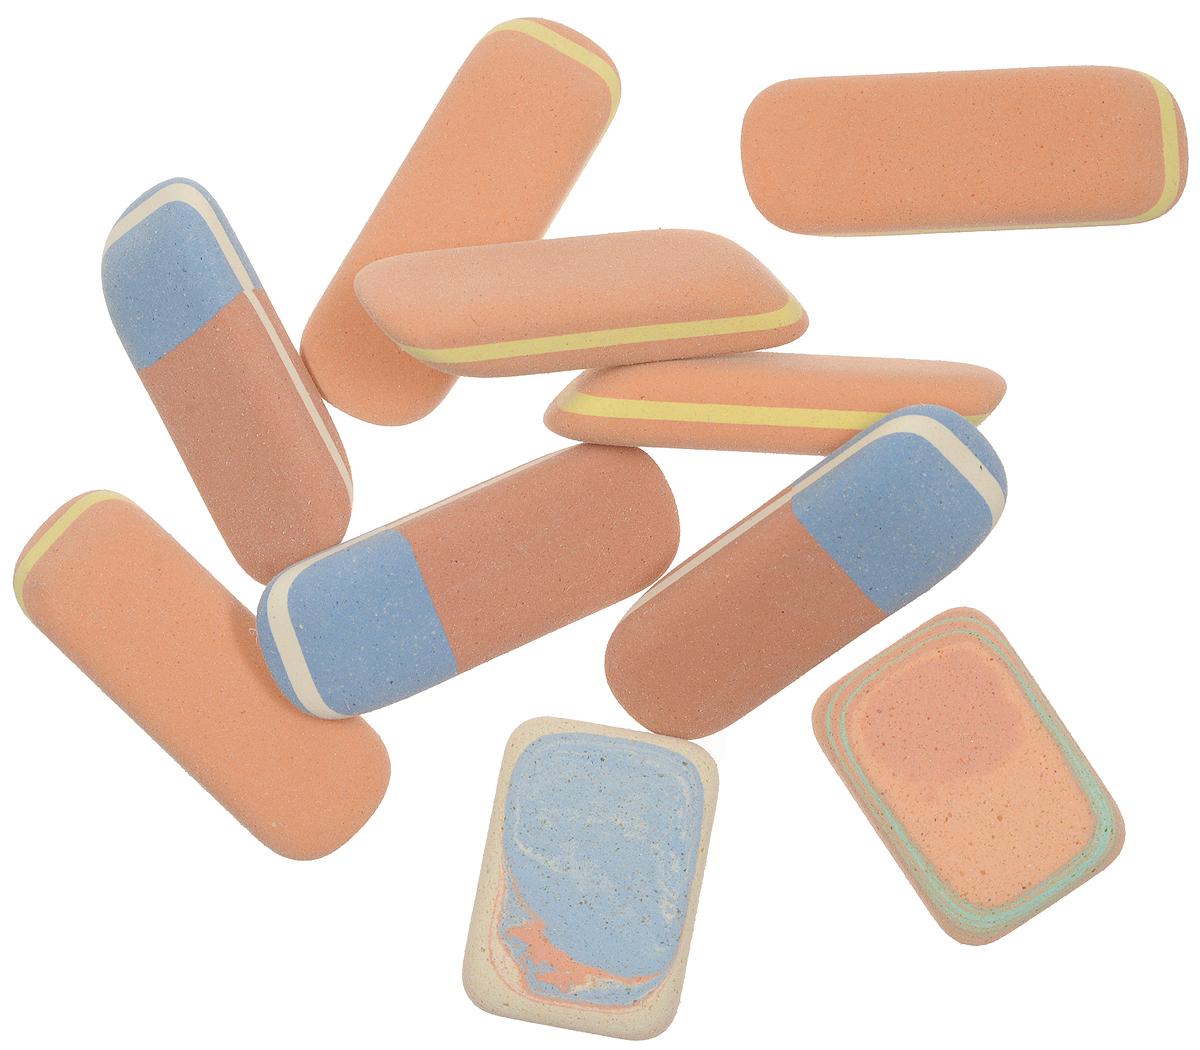 Koh-i-Noor Набор ластиков 10 шт6510Ластики Koh-i-Noor идеально подходят для применения как в школе, так и в офисе. Ластики обеспечивают высокое качество коррекции, не повреждают поверхность бумаги, даже при сильном трении, не оставляют следов. Абсолютно безопасны, не токсичны и экологичны. В упаковке 10 ластиков.